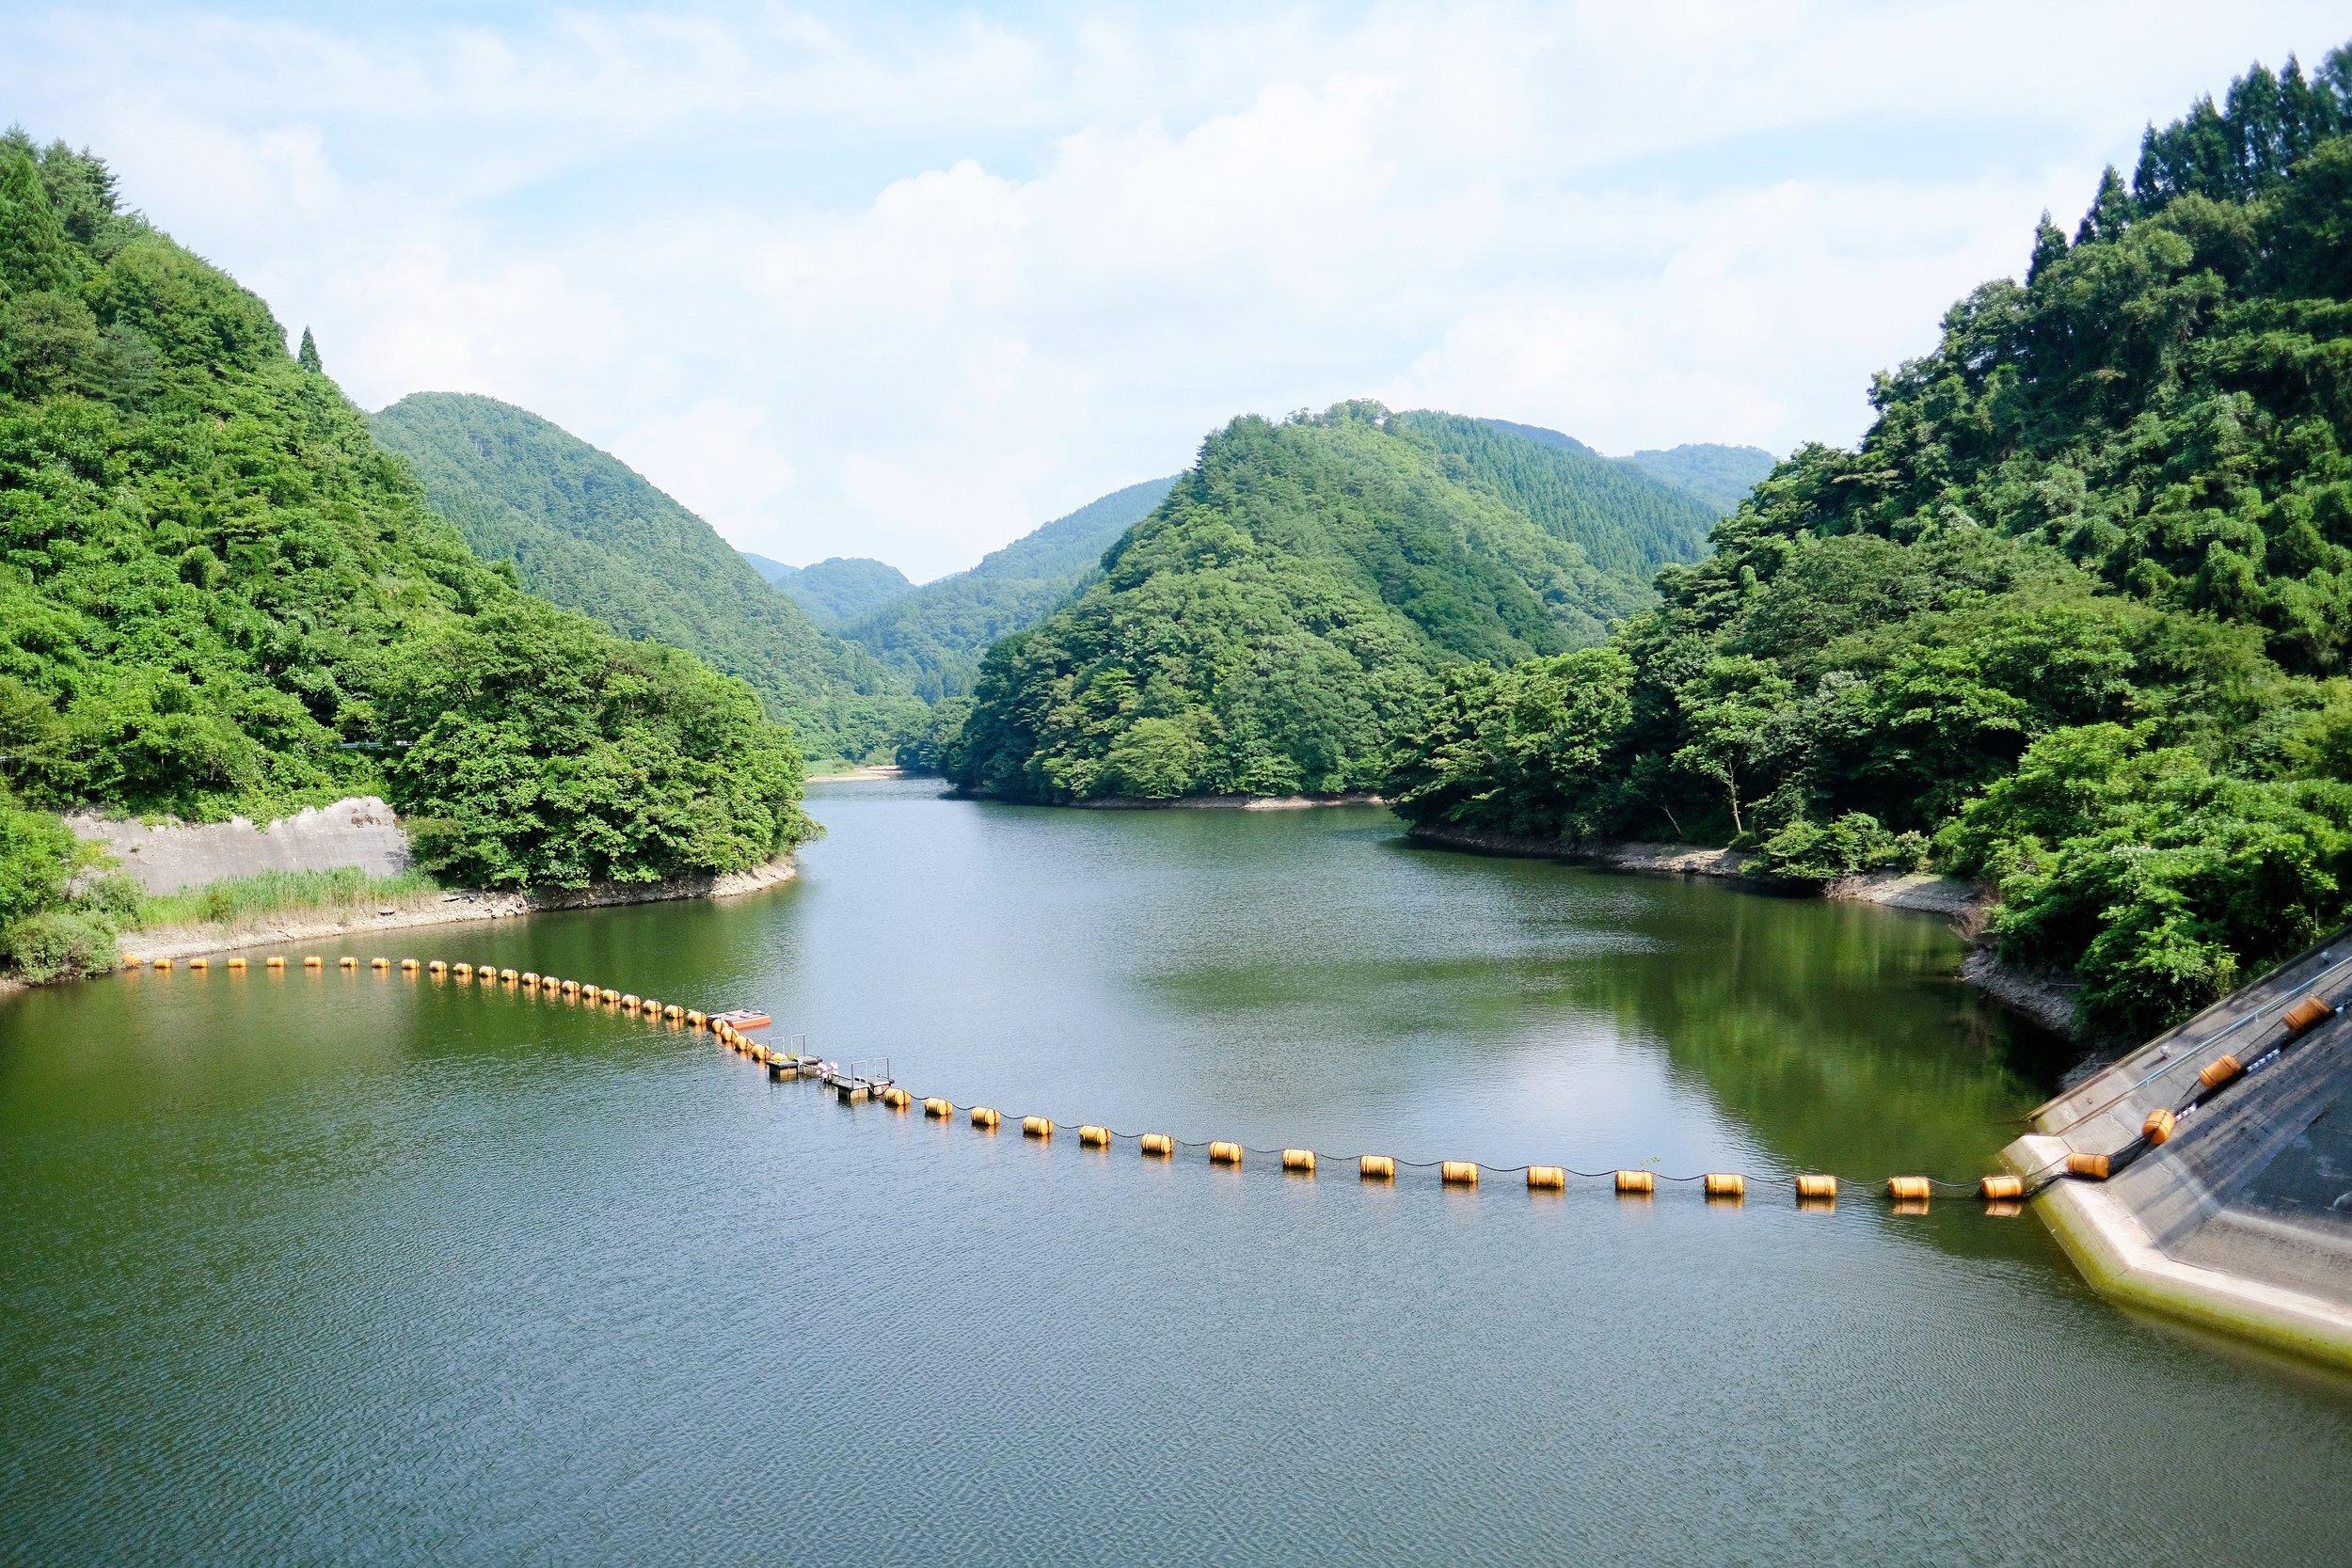 大野川ダム天端から上流方向の眺め